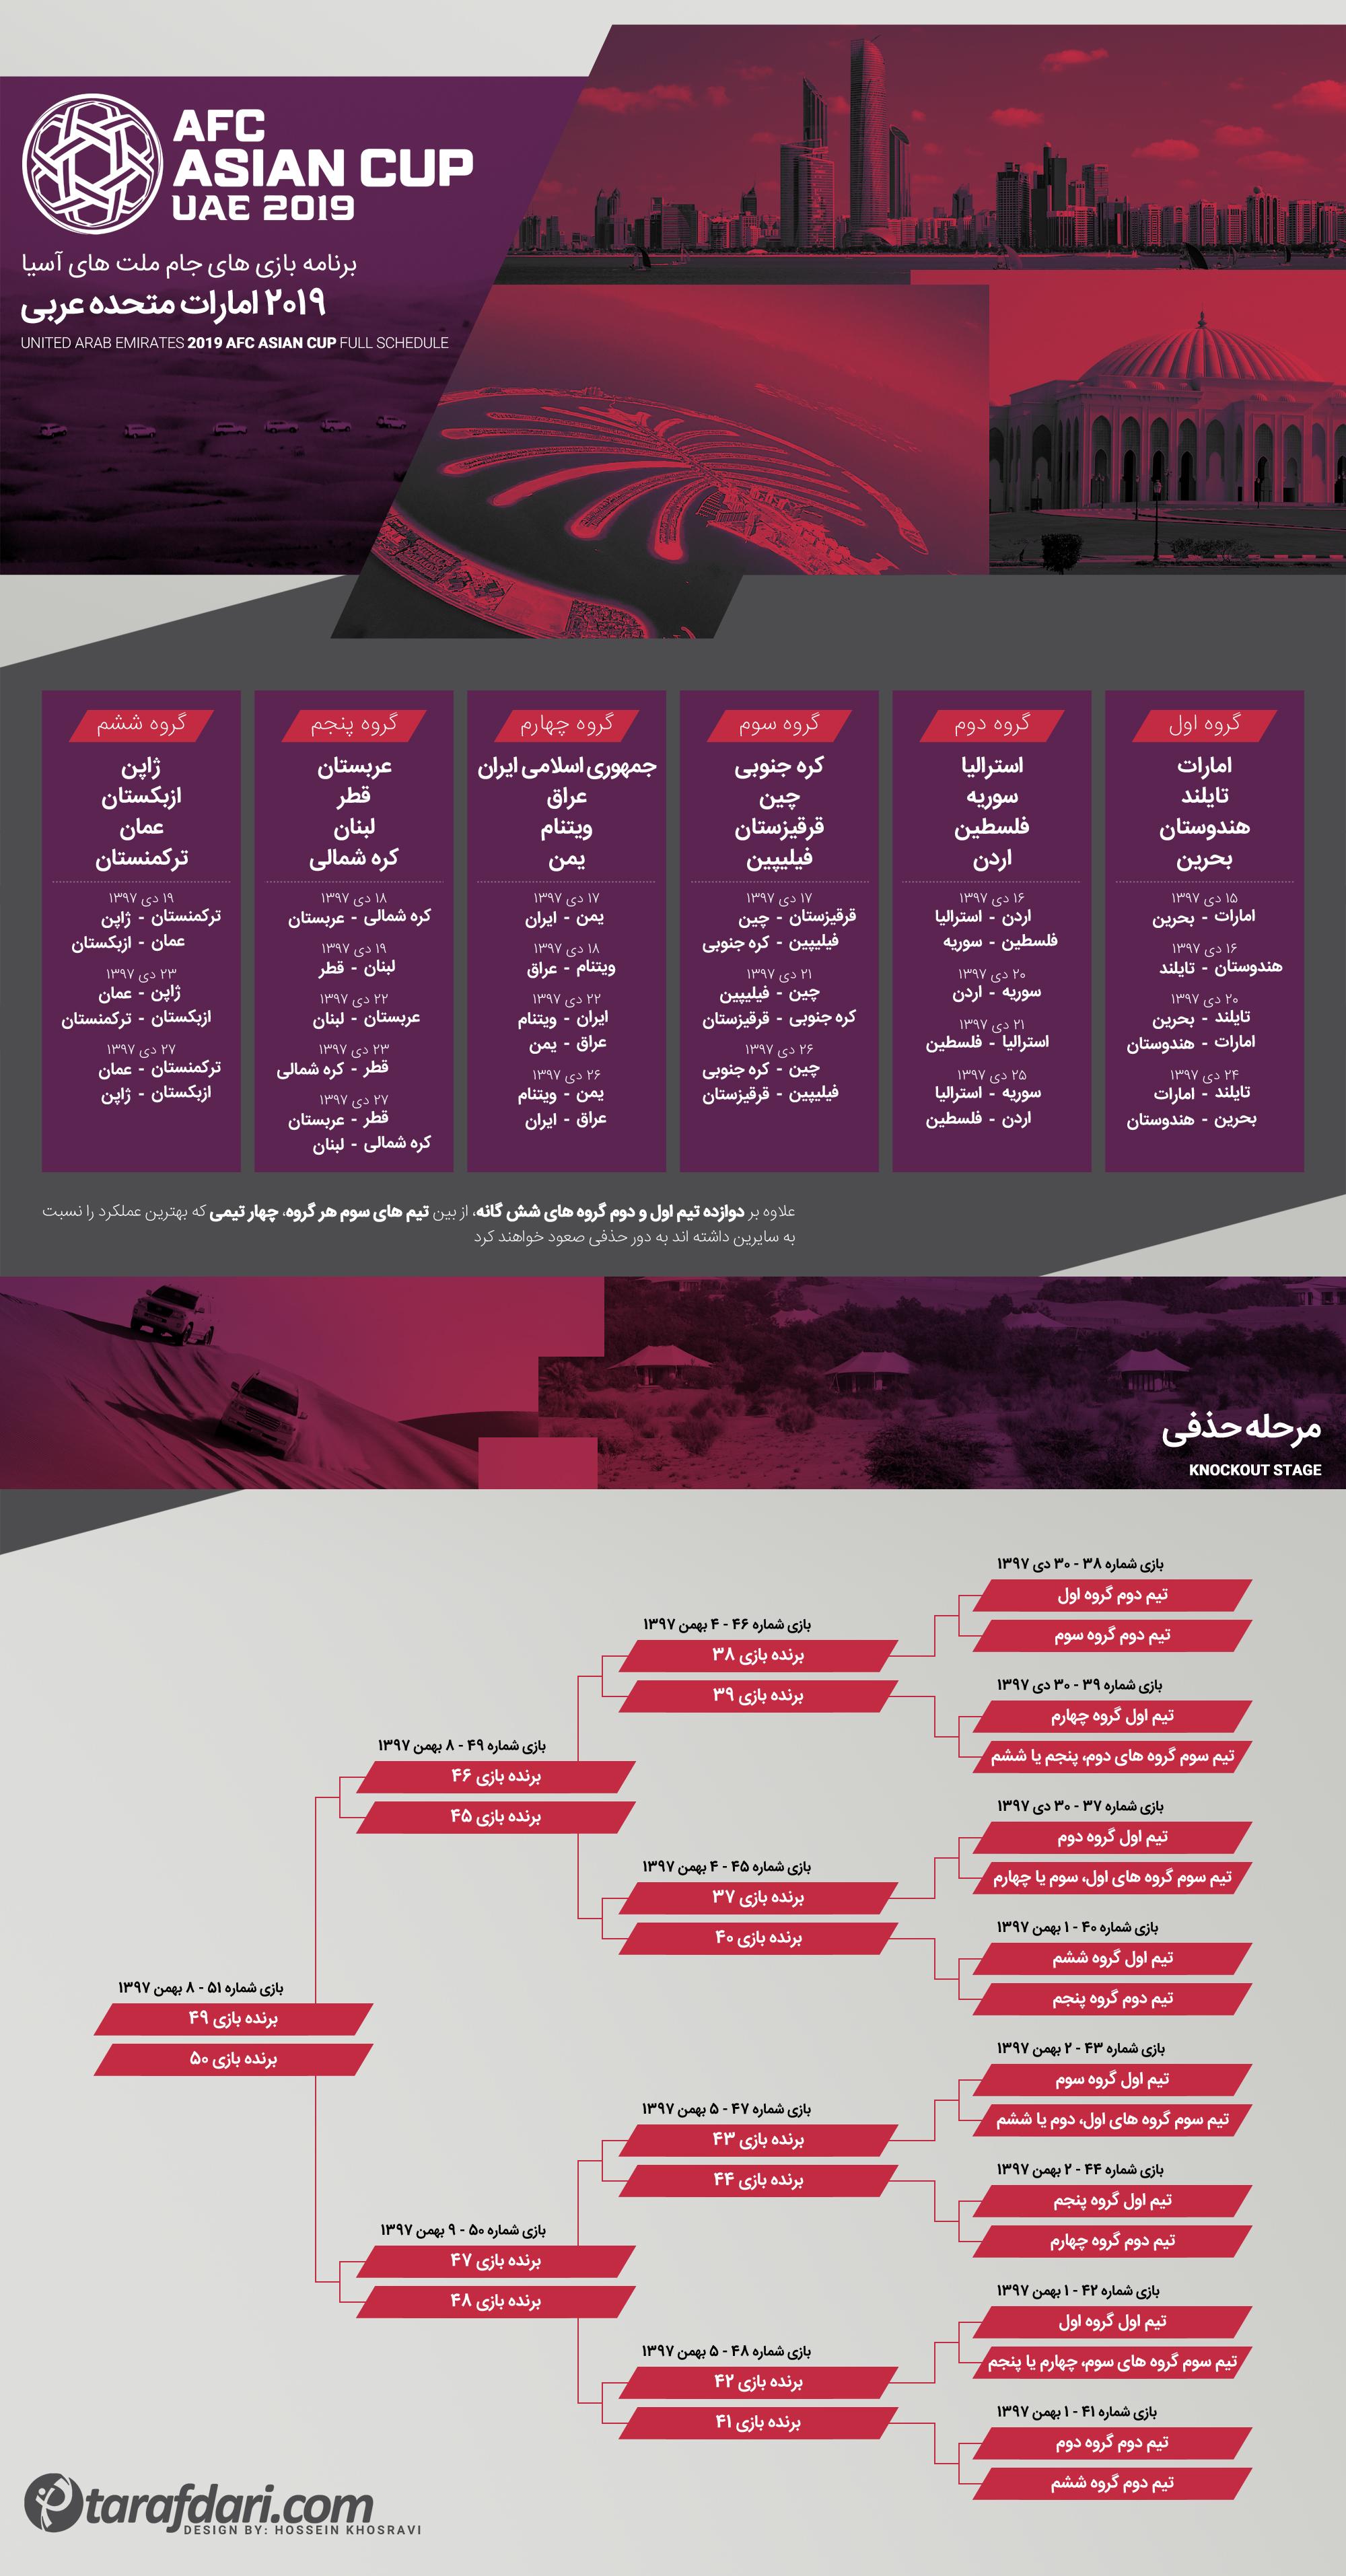 برنامه و زمان بندی جام ملت های آسیا - 2019 Asian Cup Schedule - برنامه امارات 2019- Emirates 2019 Bracket